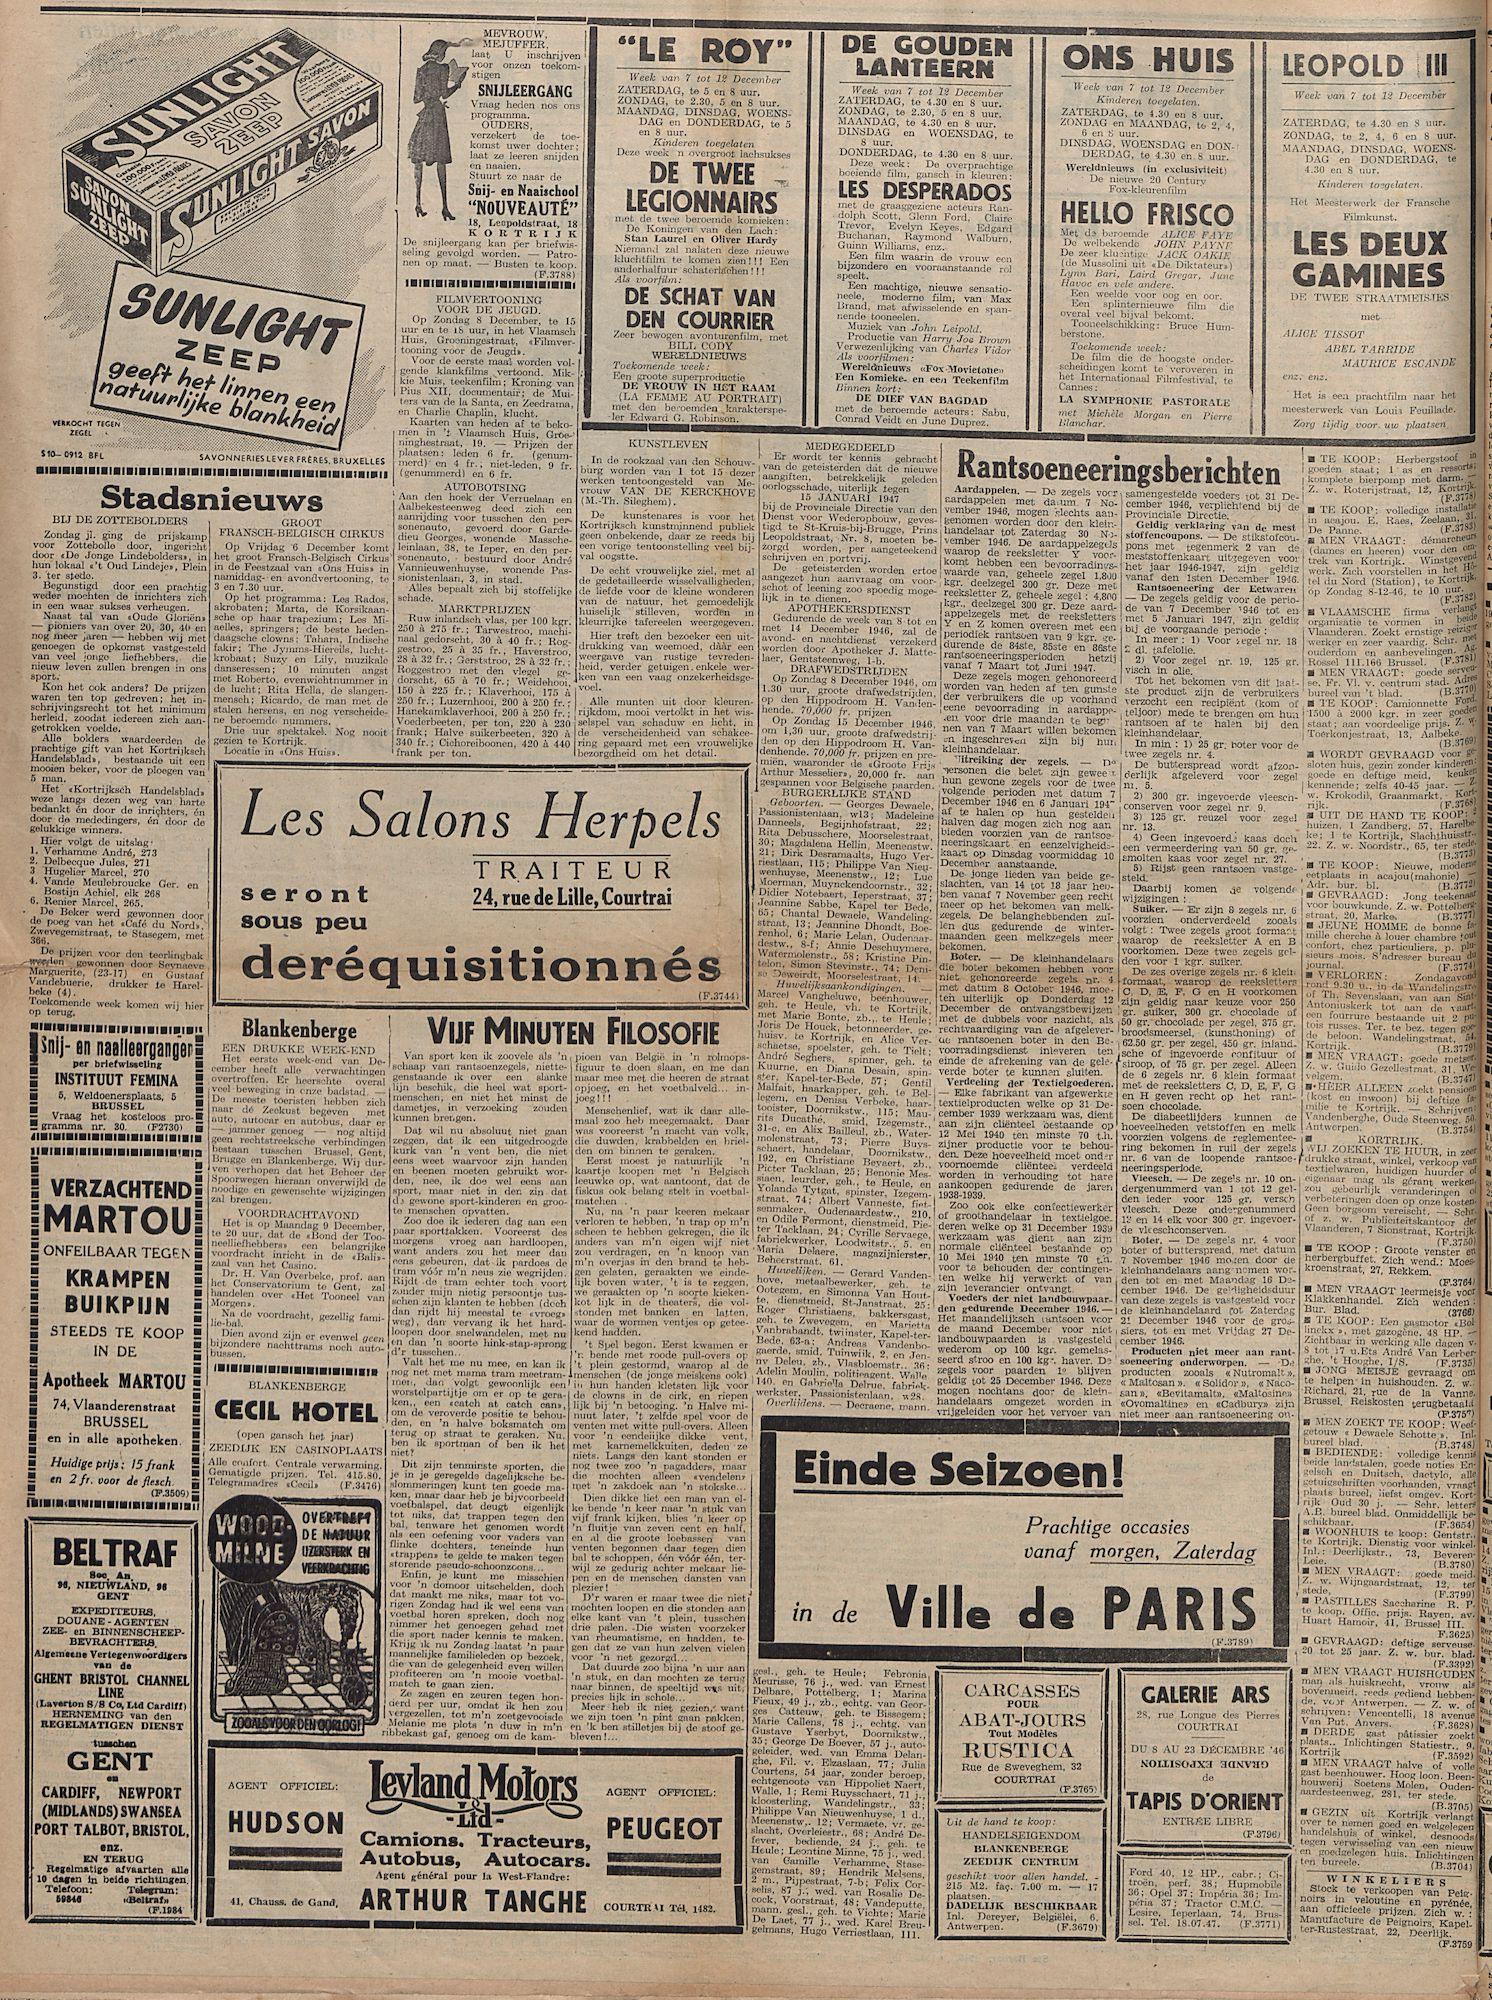 Kortrijksch Handelsblad 5 december 1946 Nr98 p2